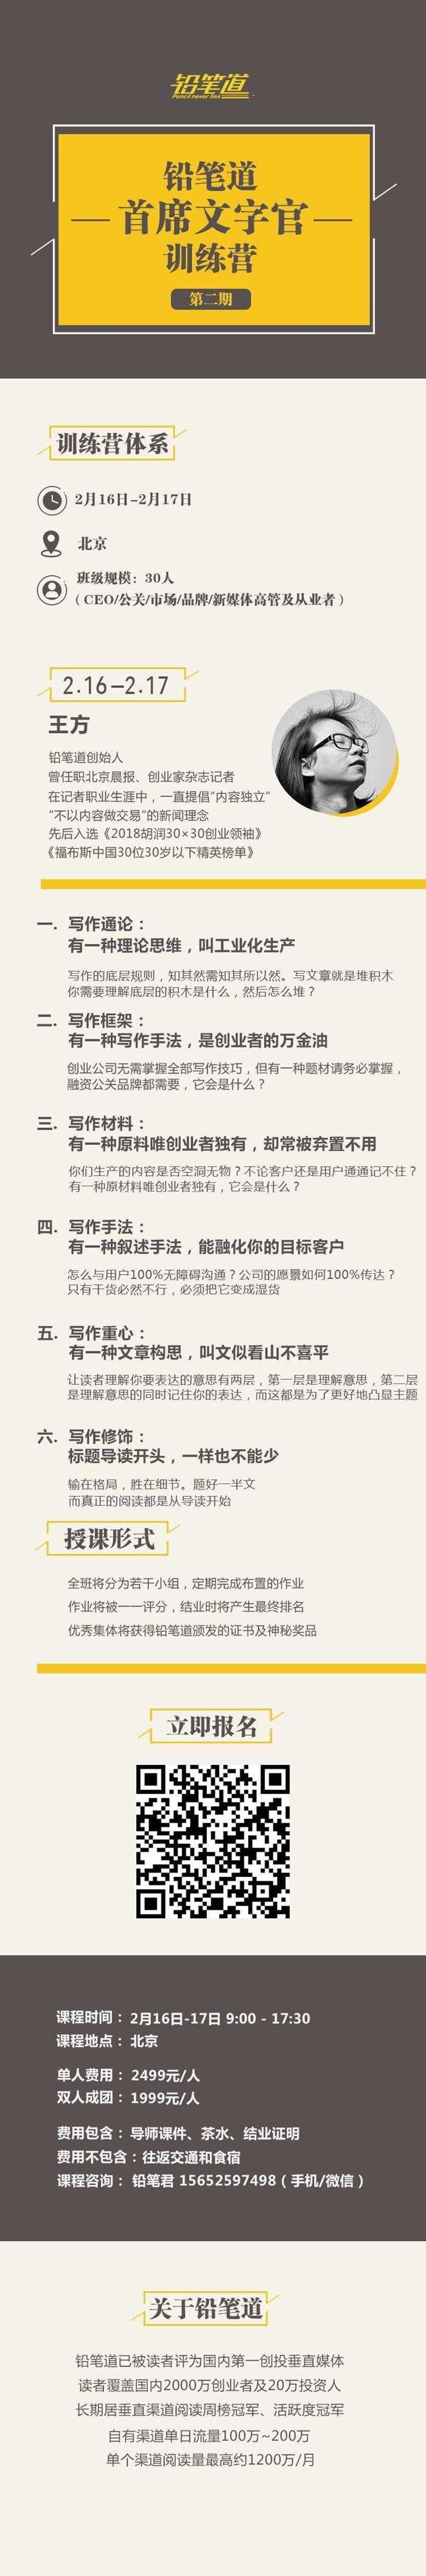 铅笔道新媒体训练营最新长图0117改版.png